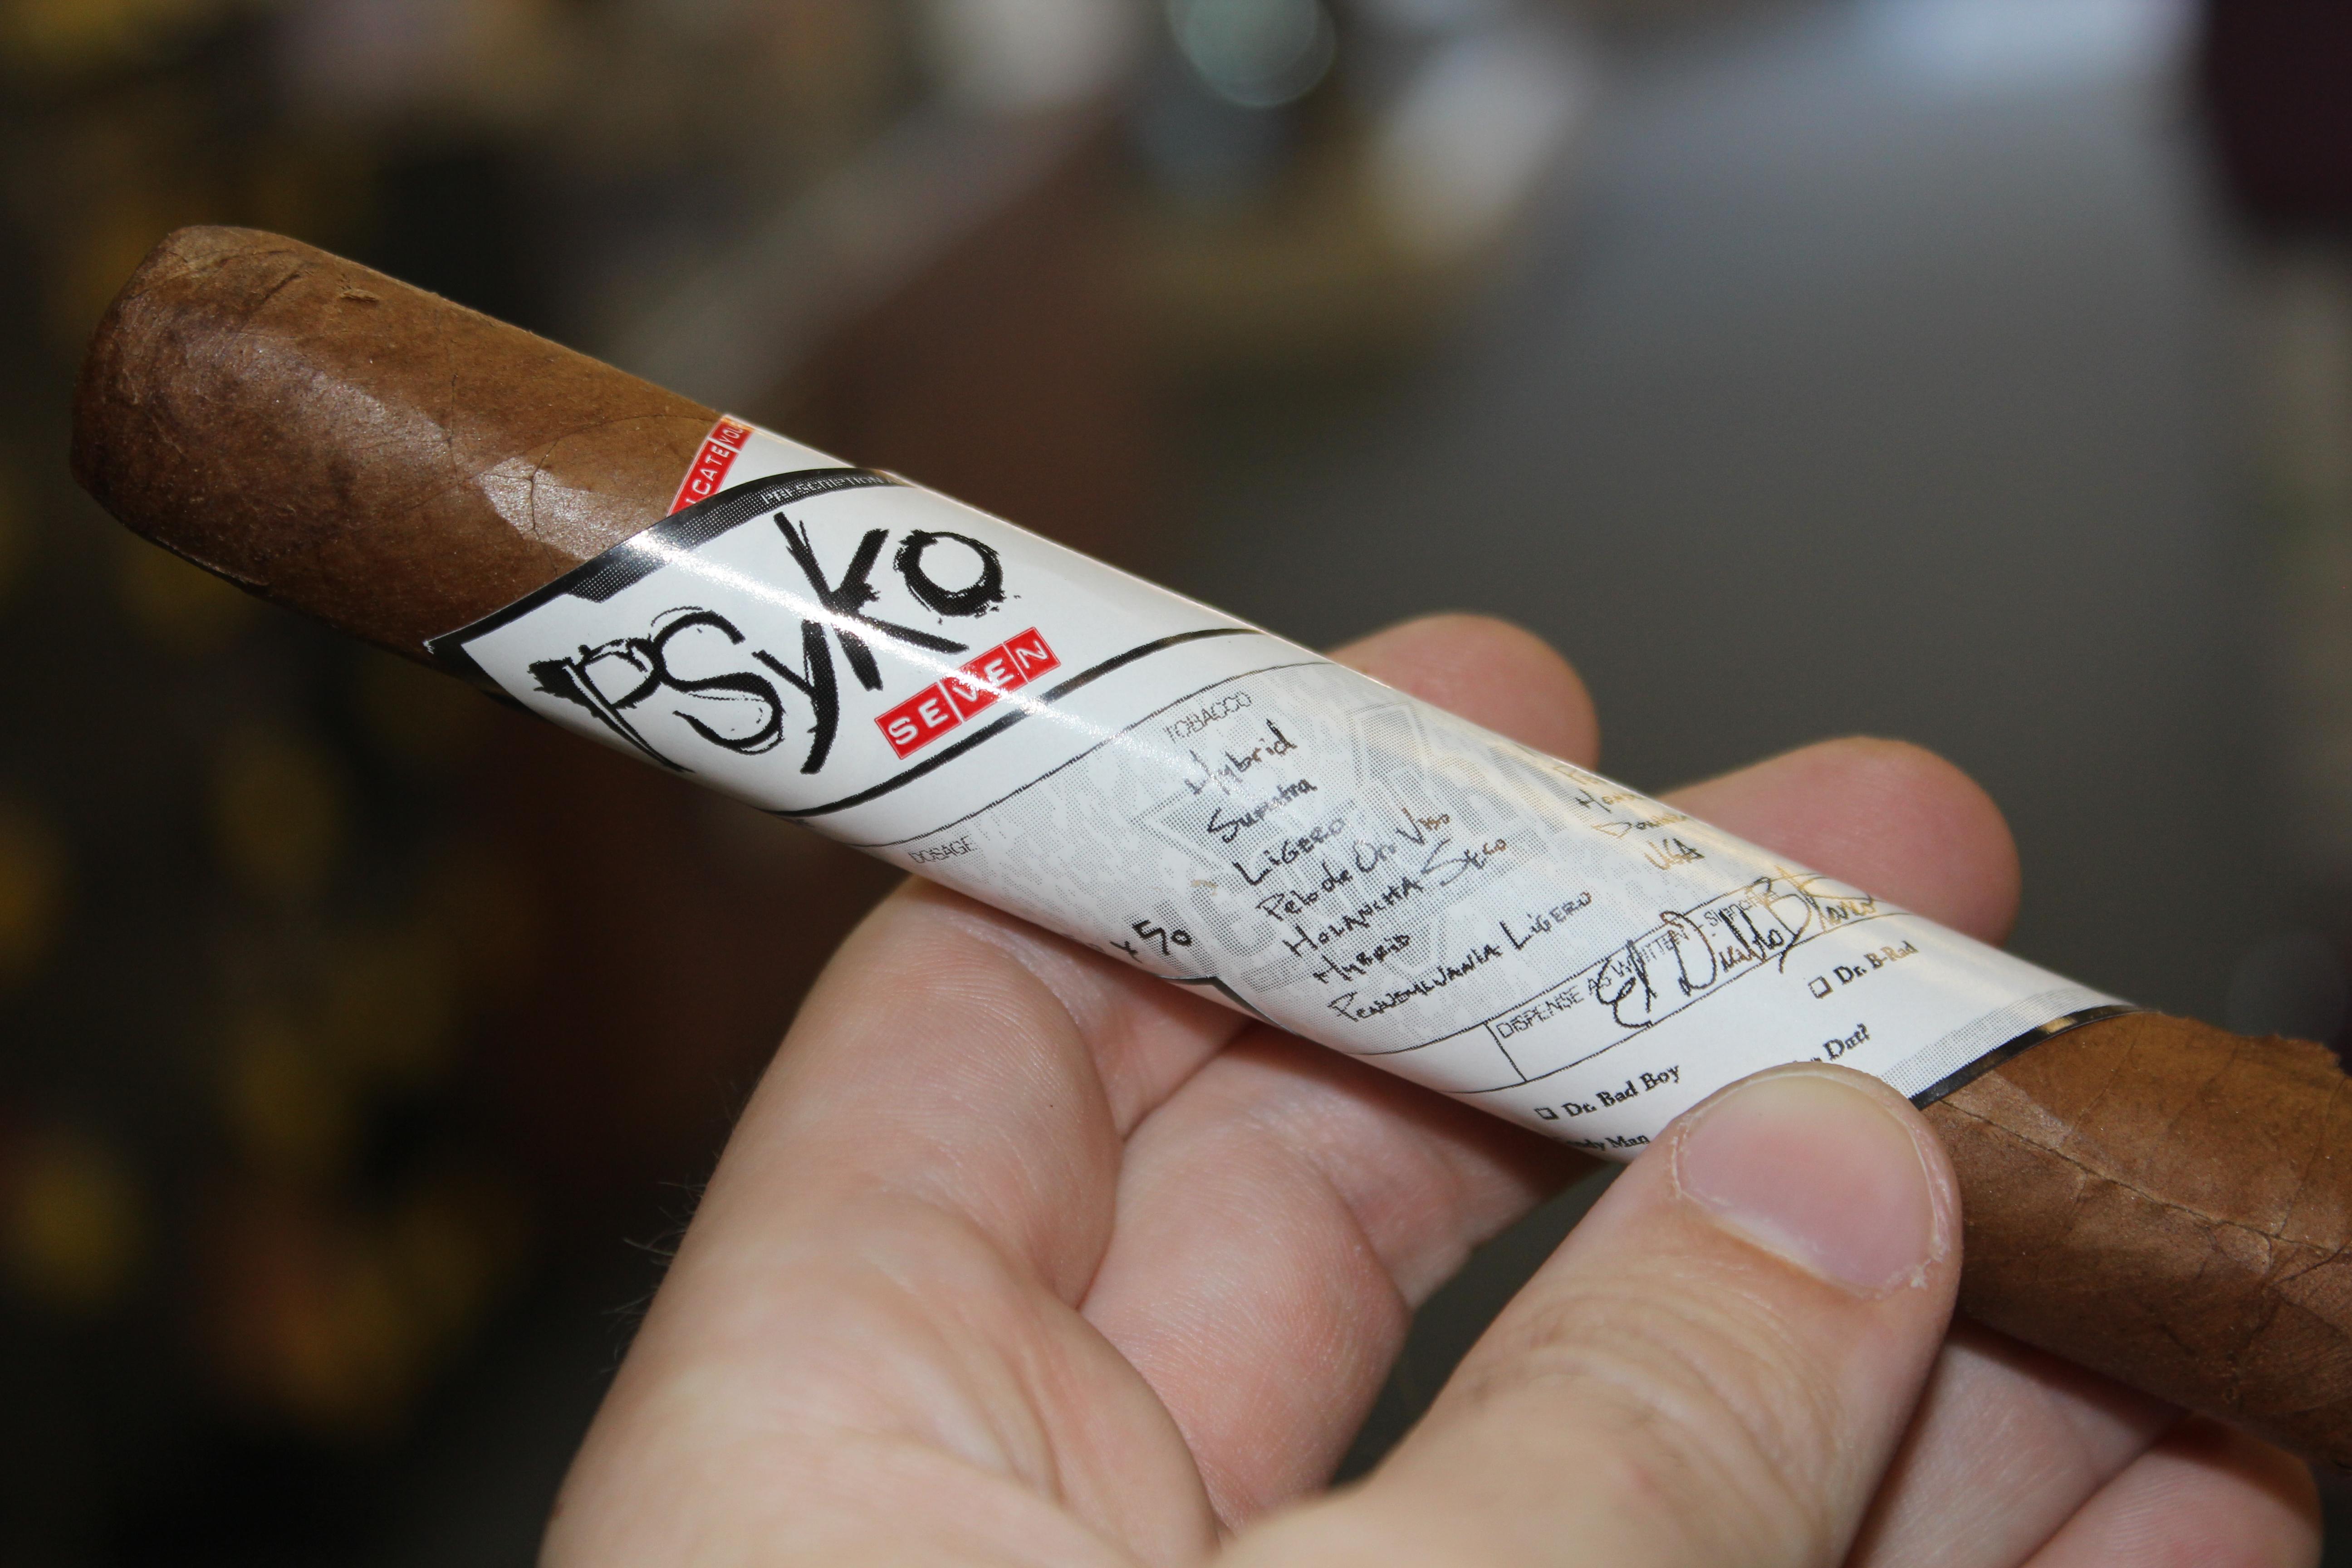 PSyKo 7 Robusto – Cigar Review